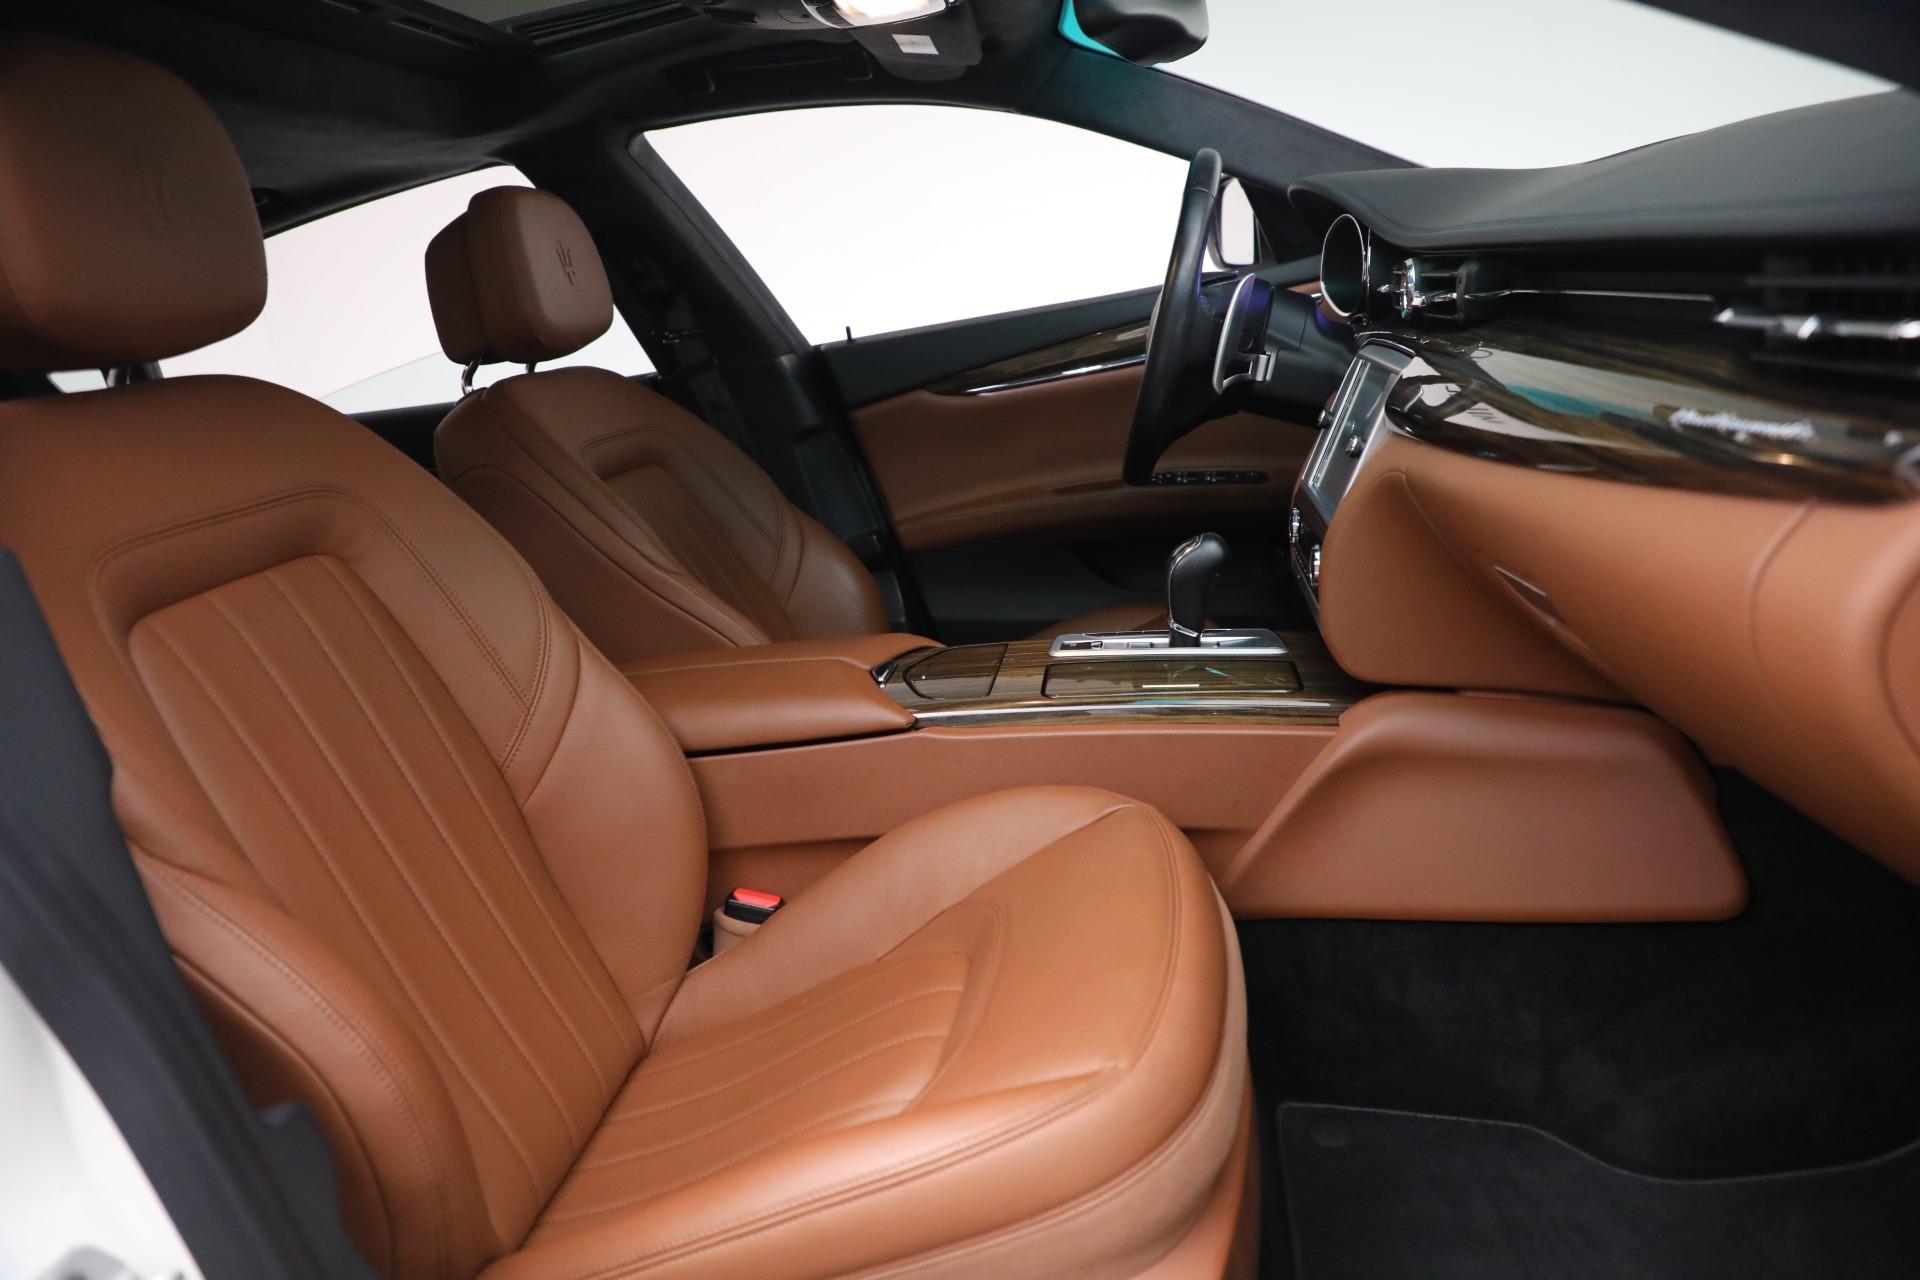 Used 2015 Maserati Quattroporte S Q4 For Sale In Westport, CT 2915_p20